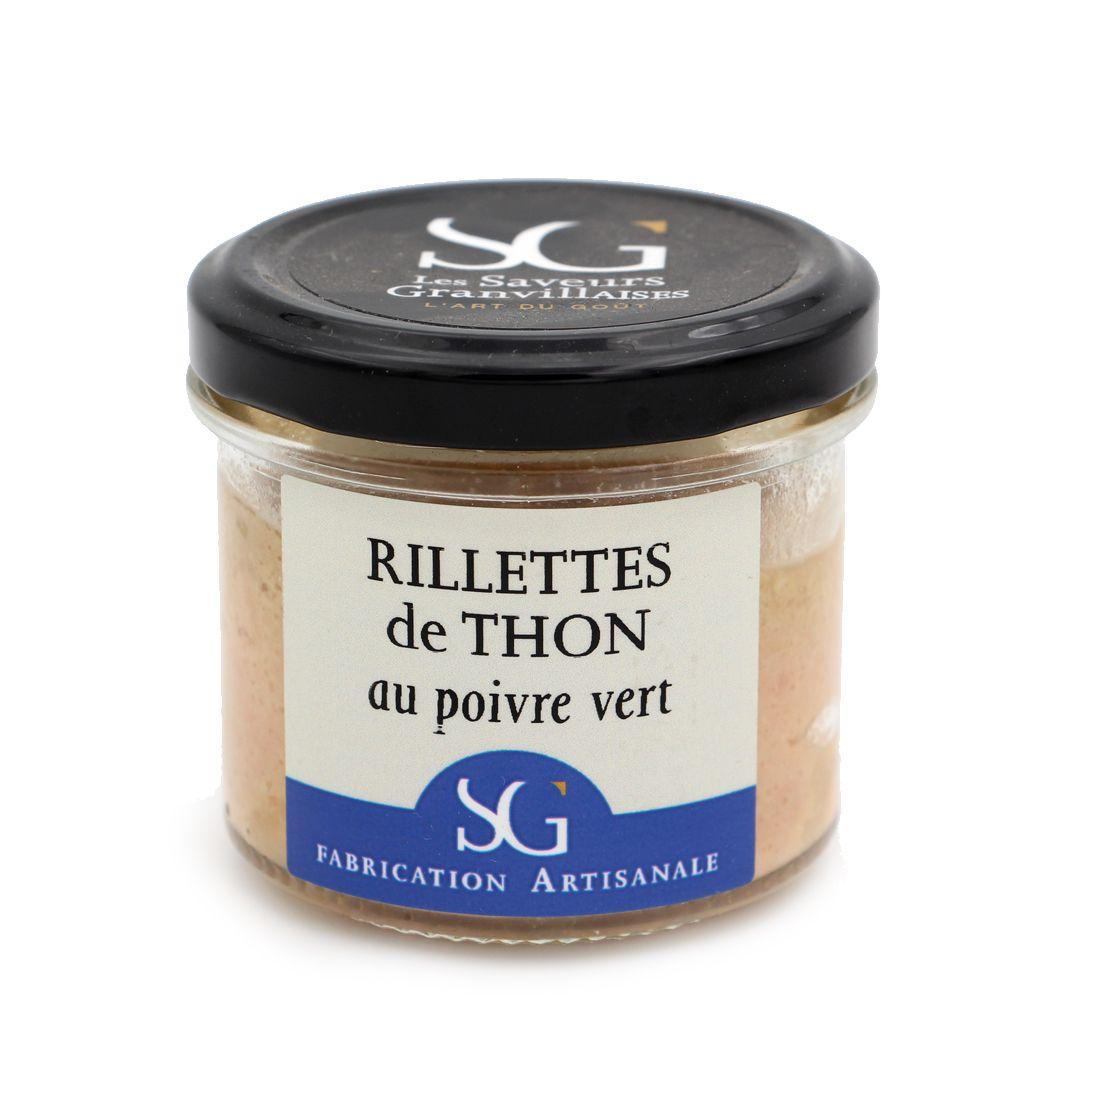 rillettes-de-thon-au-poivre-vert